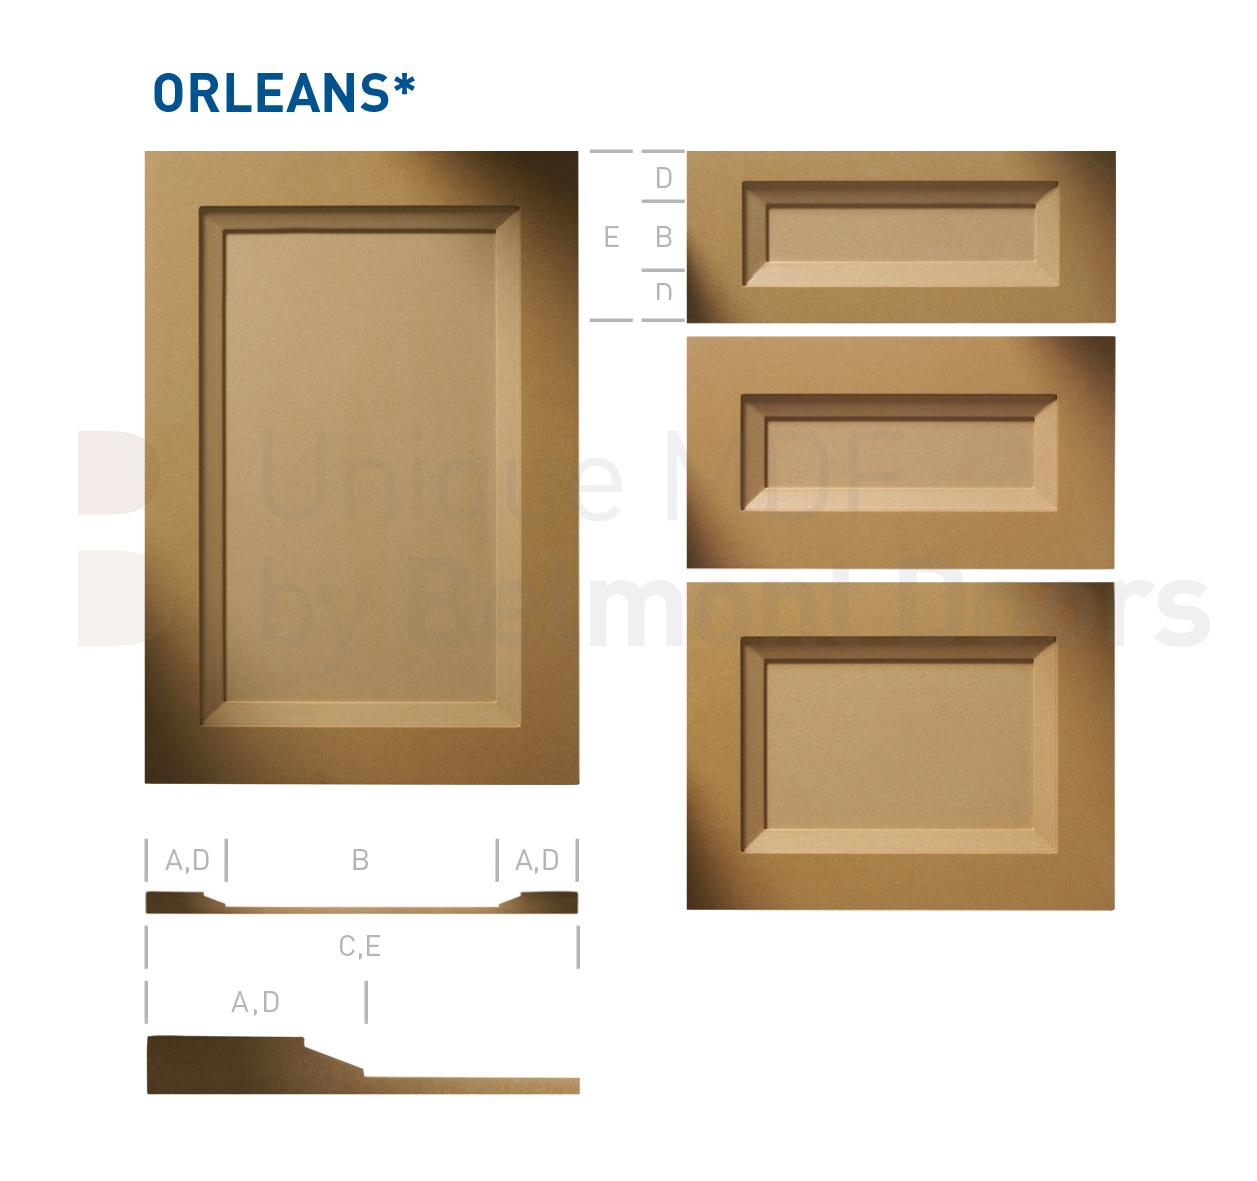 Kitchen Cabinet Door Styles Options: ORLEANS Collection (Transitional Kitchen Cabinet Door